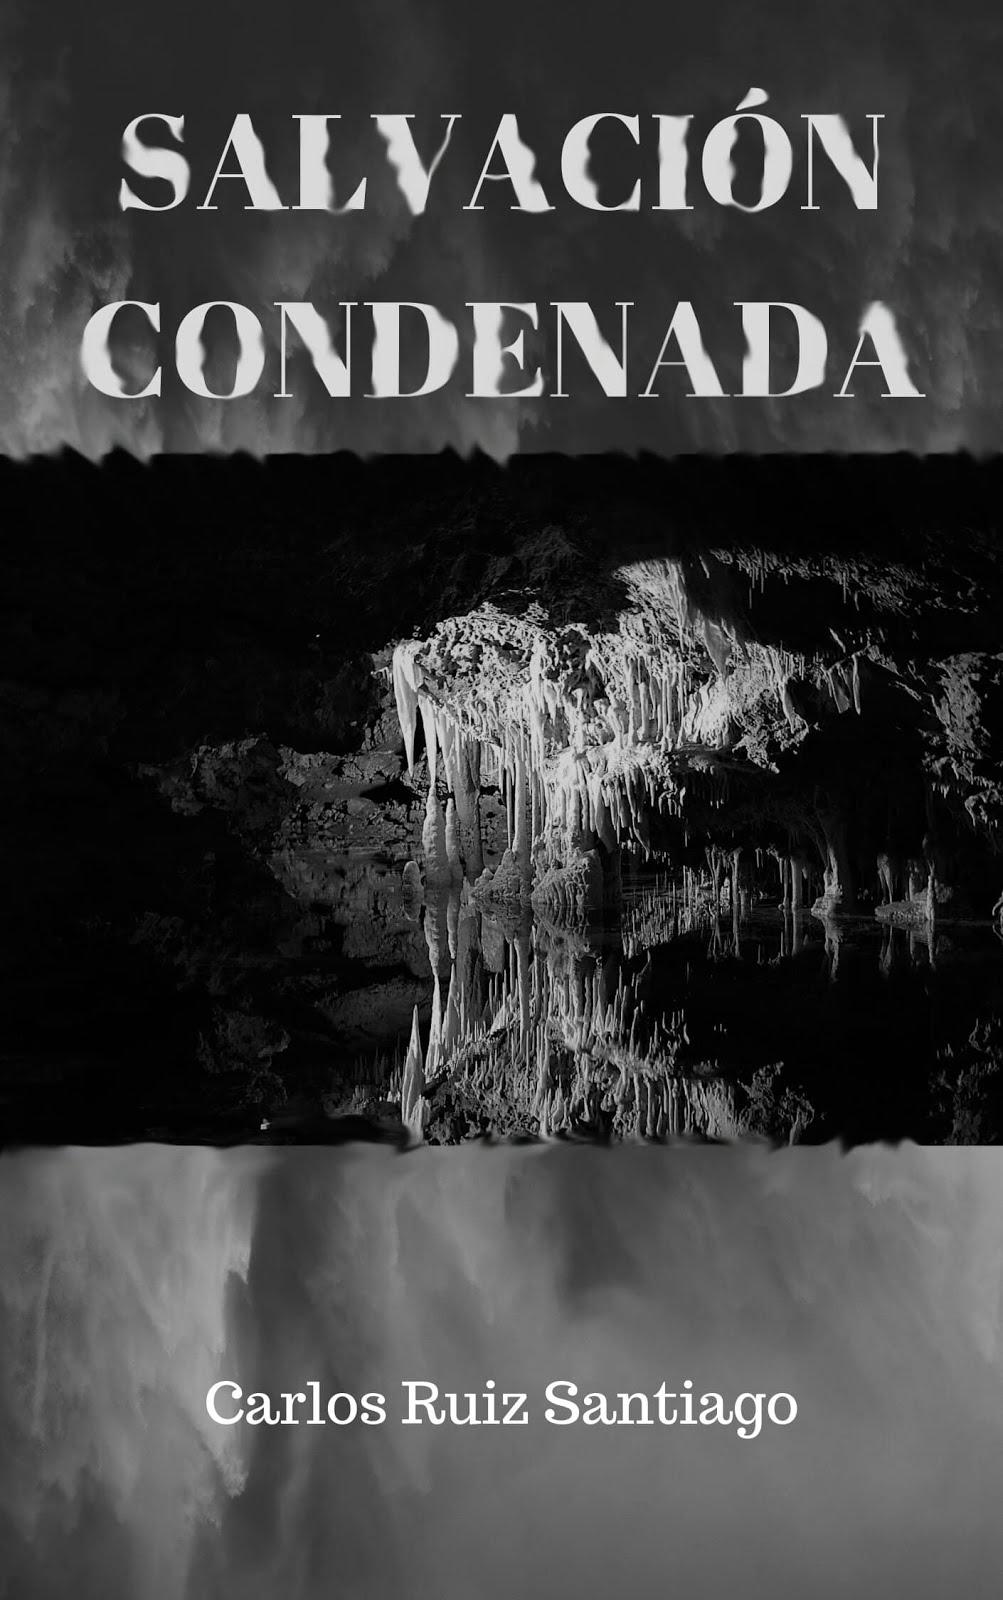 ¡Compra mi última novela, Salvación Condenada, en Amazon!